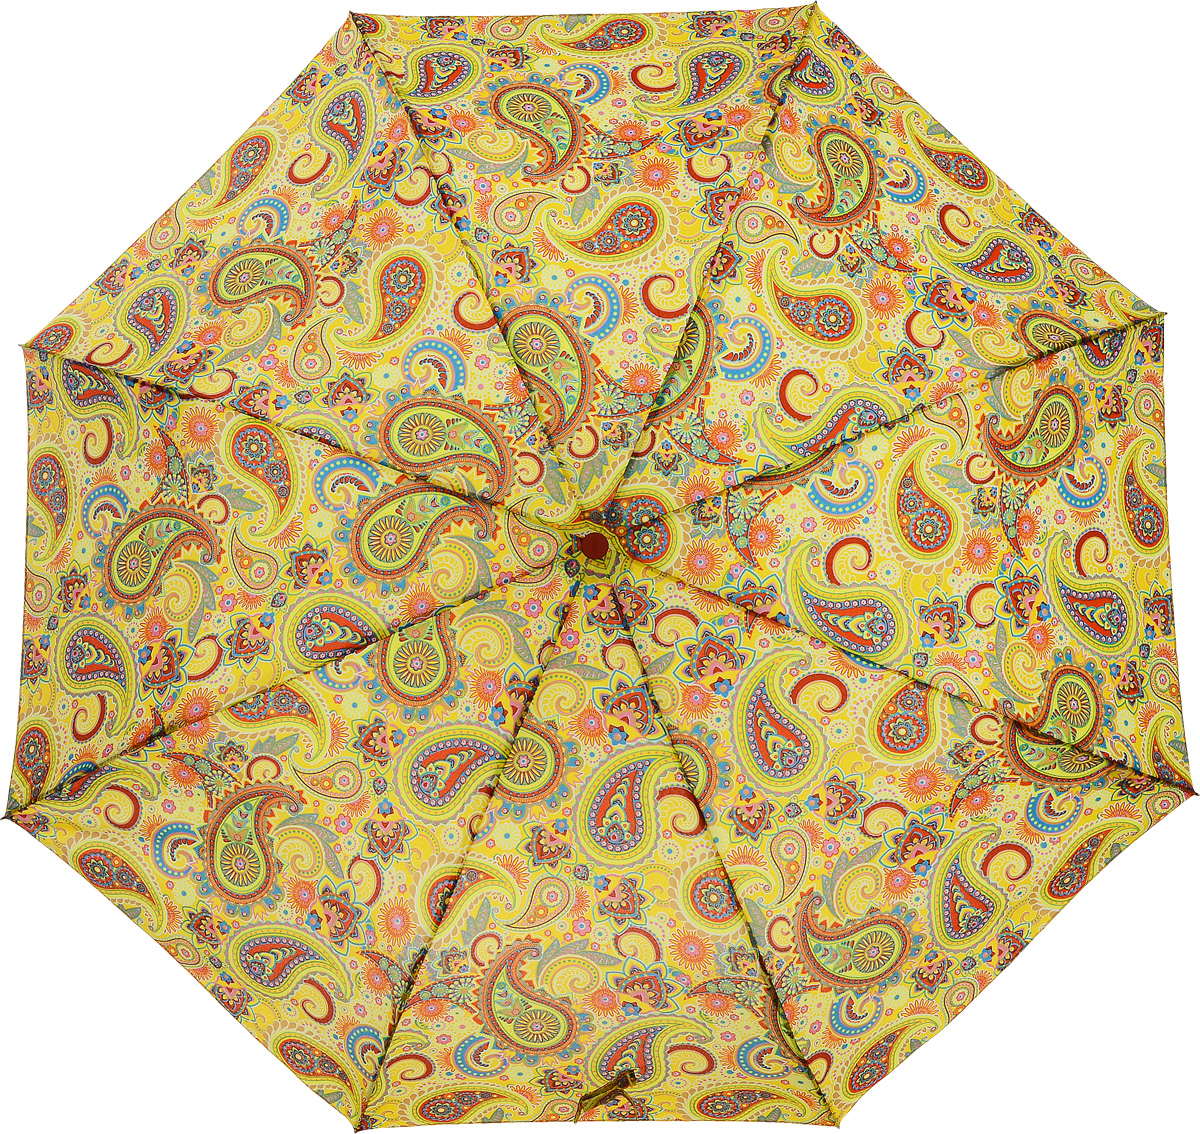 Зонт женский Airton, механический, 3 сложения, цвет: желтый, оранжевый. 3515-124Серьги с подвескамиКлассический женский зонт Airton в 3 сложения имеет механическую систему открытия и закрытия.Каркас зонта выполнен из восьми спиц на прочном стержне. Купол зонта изготовлен из прочного полиэстера. Практичная рукоятка закругленной формы разработана с учетом требований эргономики и выполнена из качественного пластика с противоскользящей обработкой.Такой зонт оснащен системой антиветер, которая позволяет спицам при порывах ветрах выгибаться наизнанку, и при этом не ломаться. К зонту прилагается чехол.